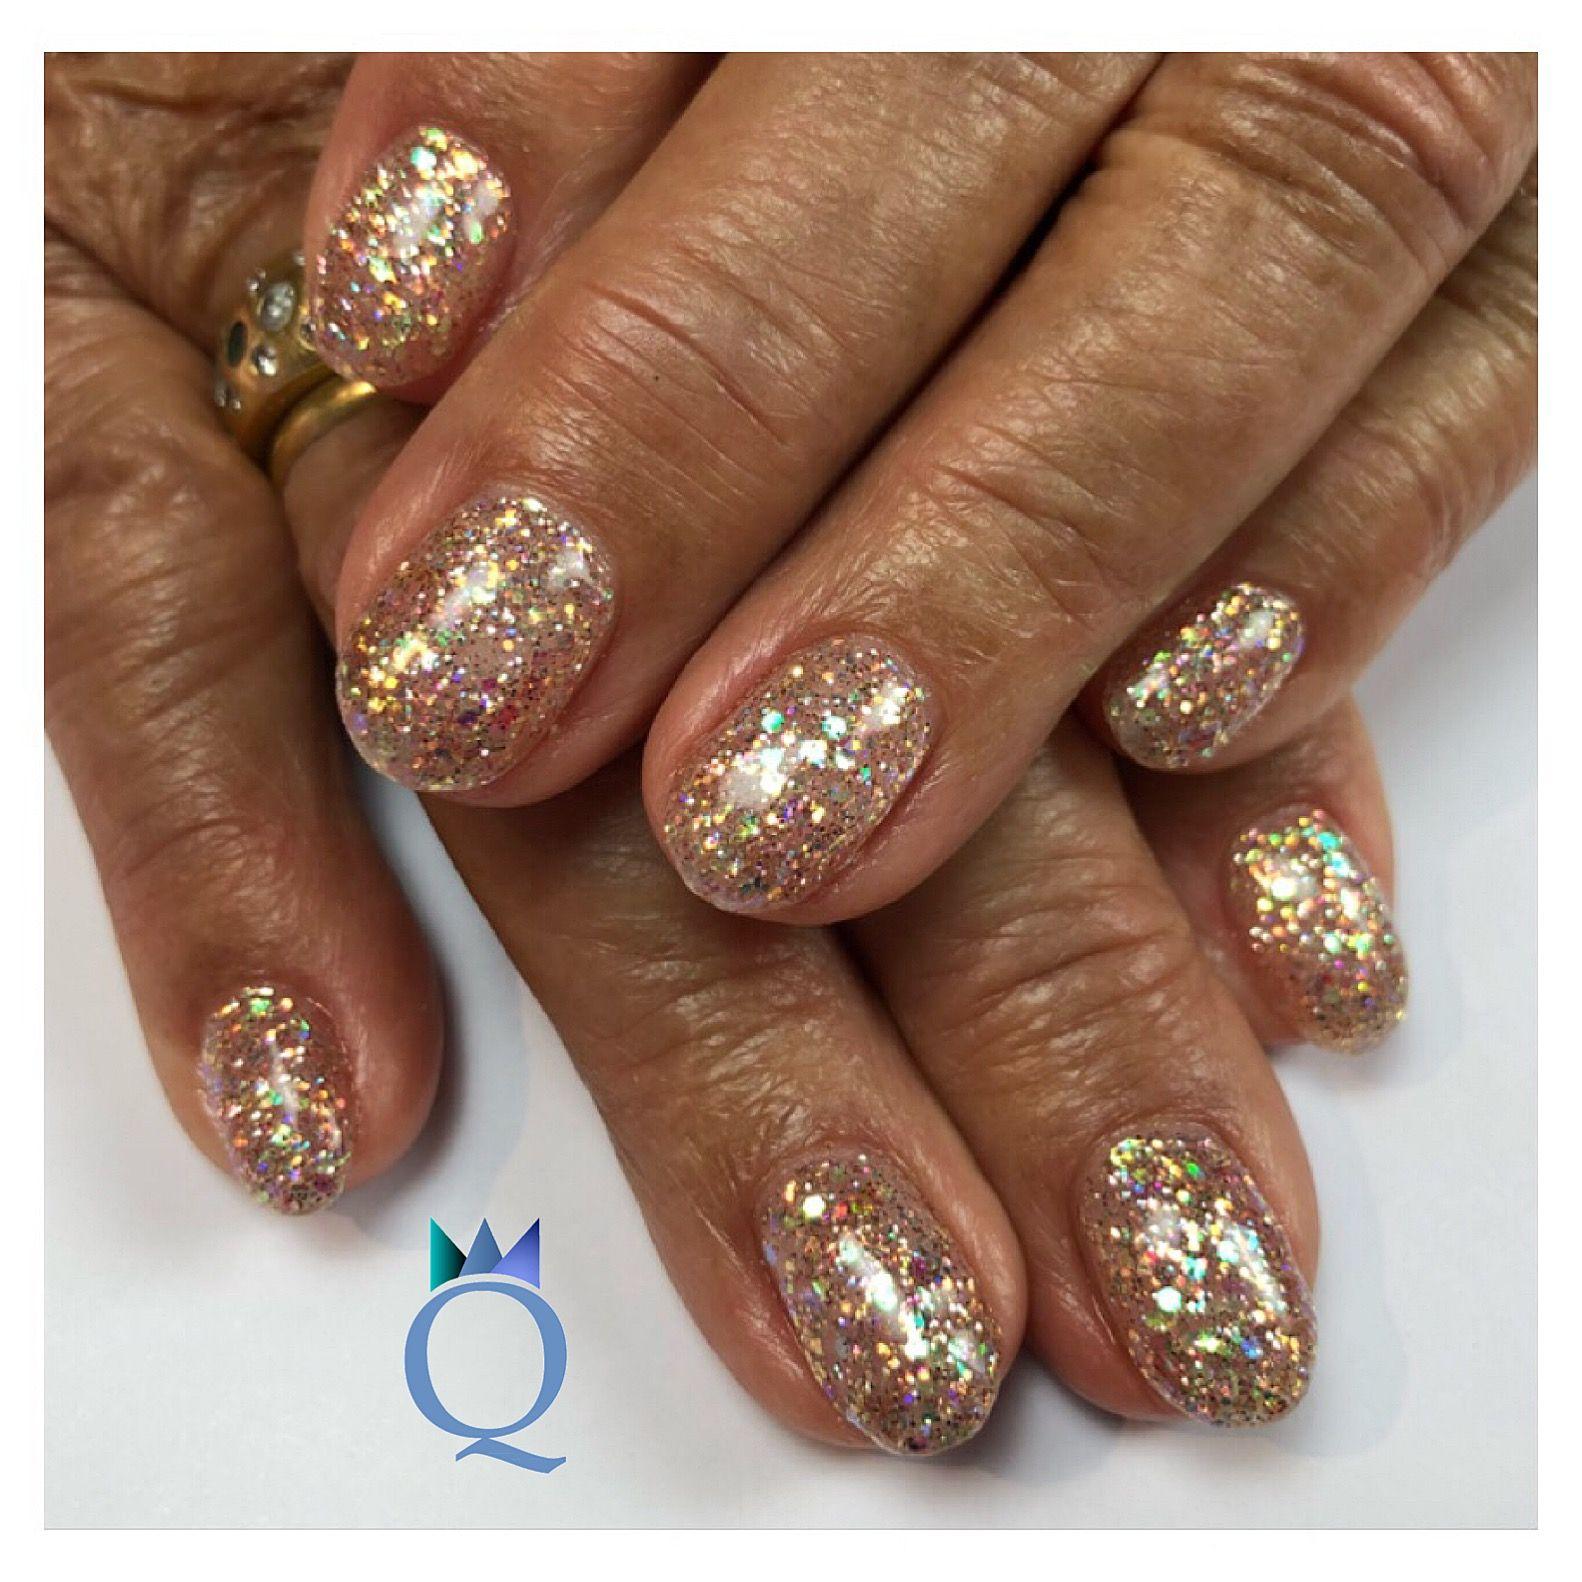 Faszinierend Nageldesign Braun Beige Foto Von #shortnails #gelnails #nails #beige #glitter #kurzenägel #gelnägel